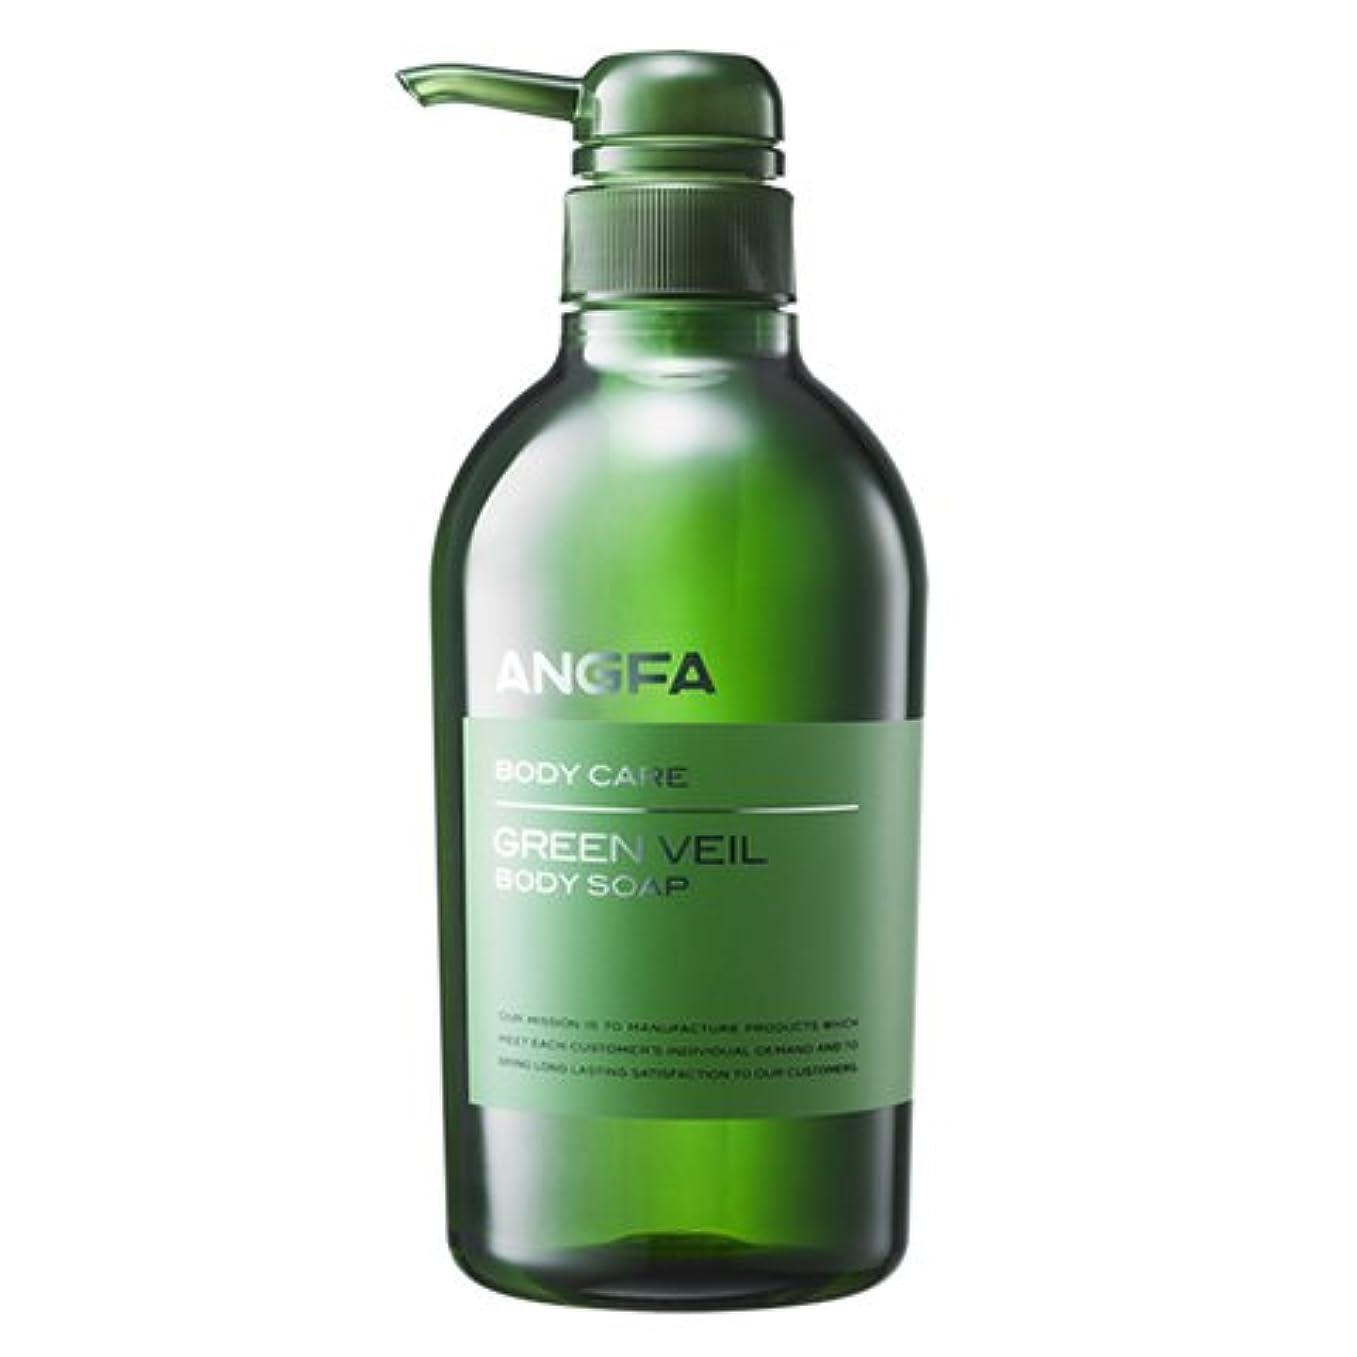 ささいな平均申し立てられたアンファー (ANGFA) グリーンベール 薬用ボディソープ 500ml グリーンフローラル [乾燥?保湿] かゆみ肌